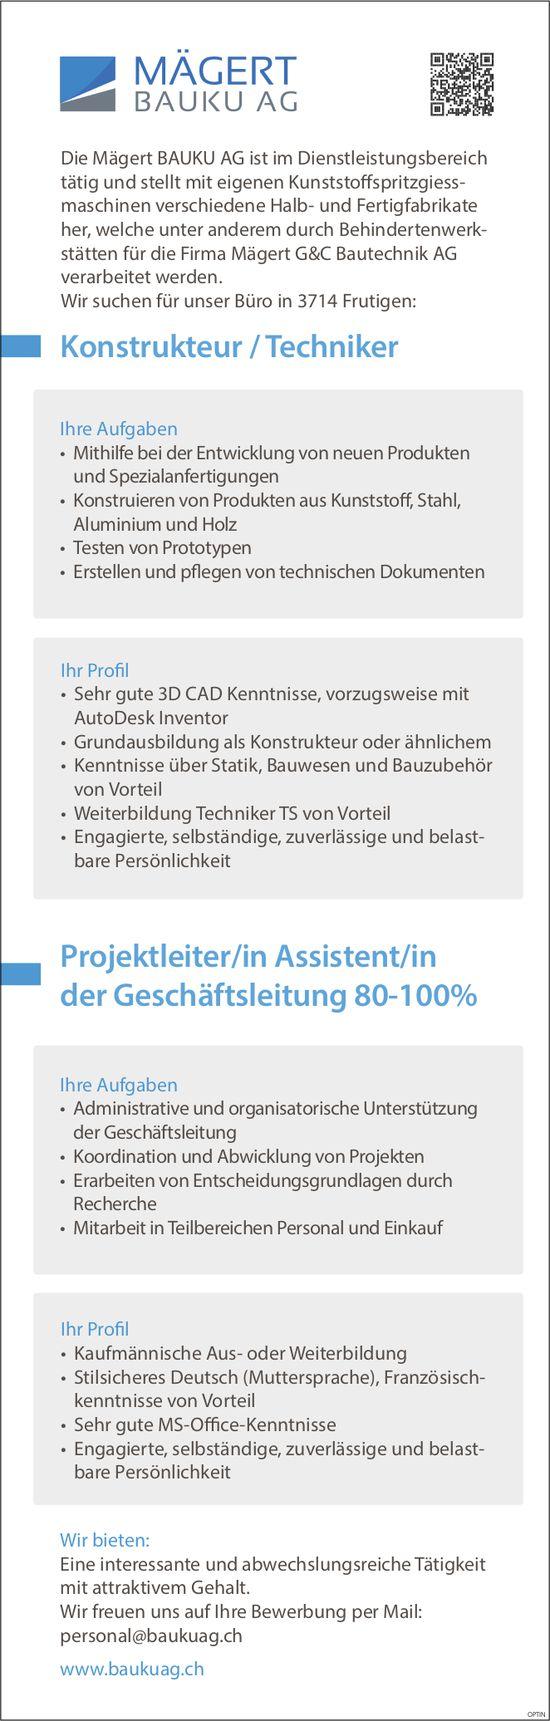 Konstrukteur/Techniker und Projektleiter/in Assistent/in der Geschäftsleitung 80-100%, Mägert BAUKU AG, Frutigen, gesucht